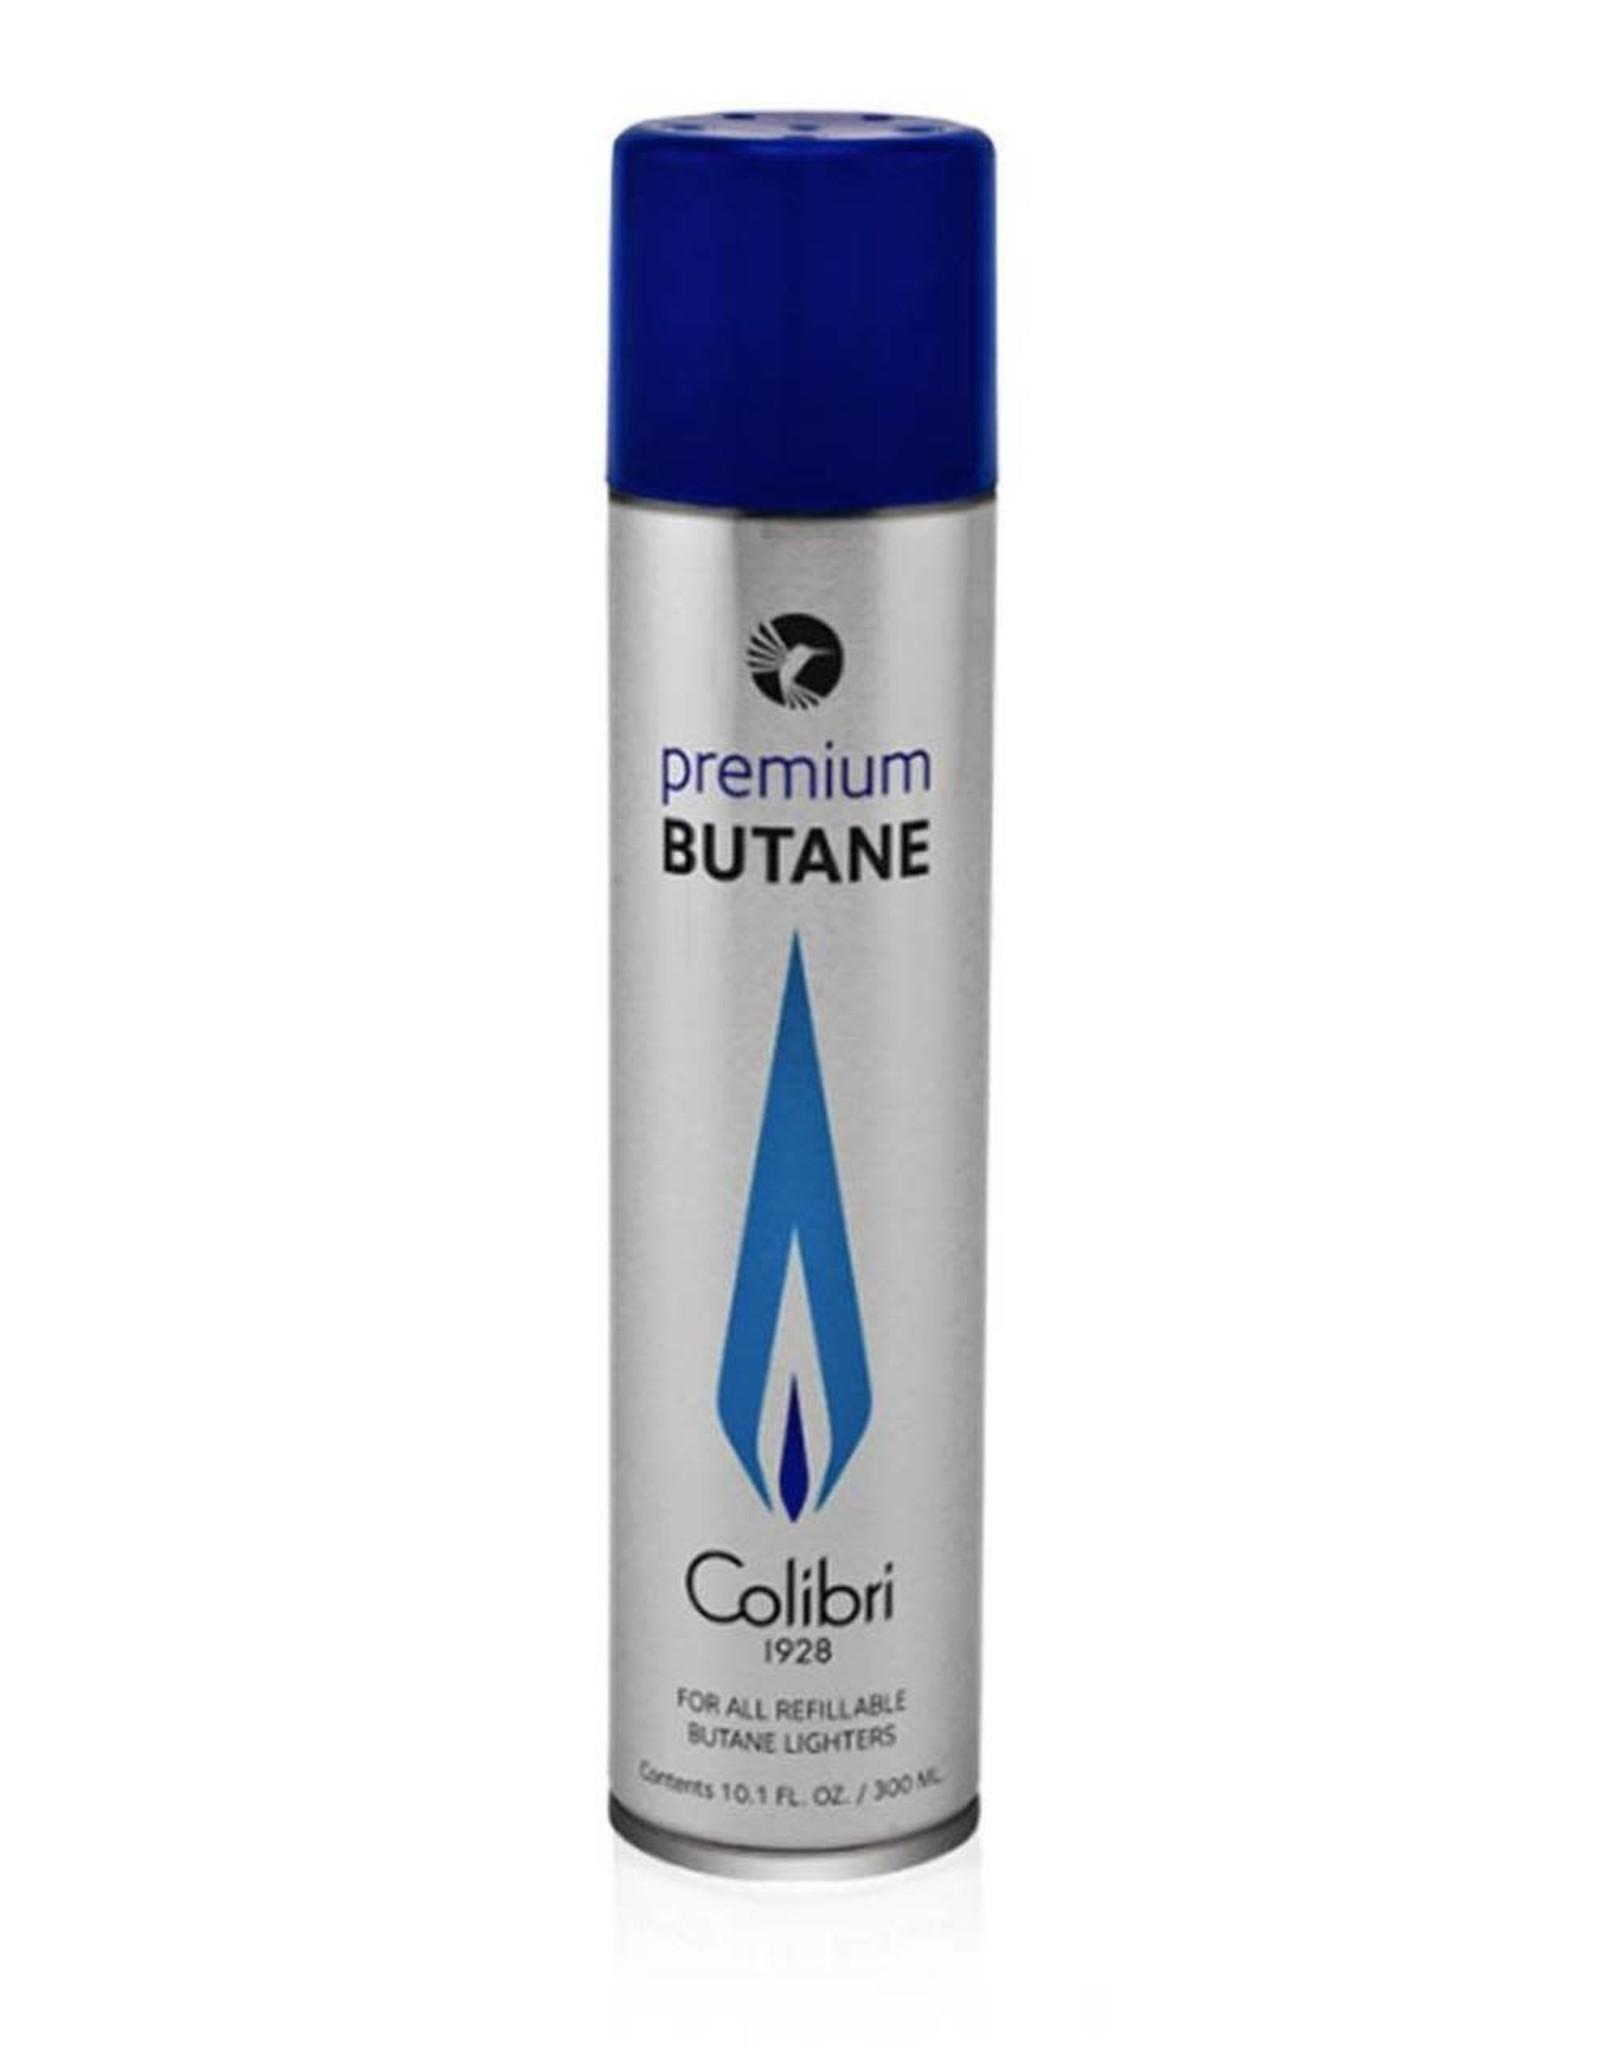 Colibri Butane